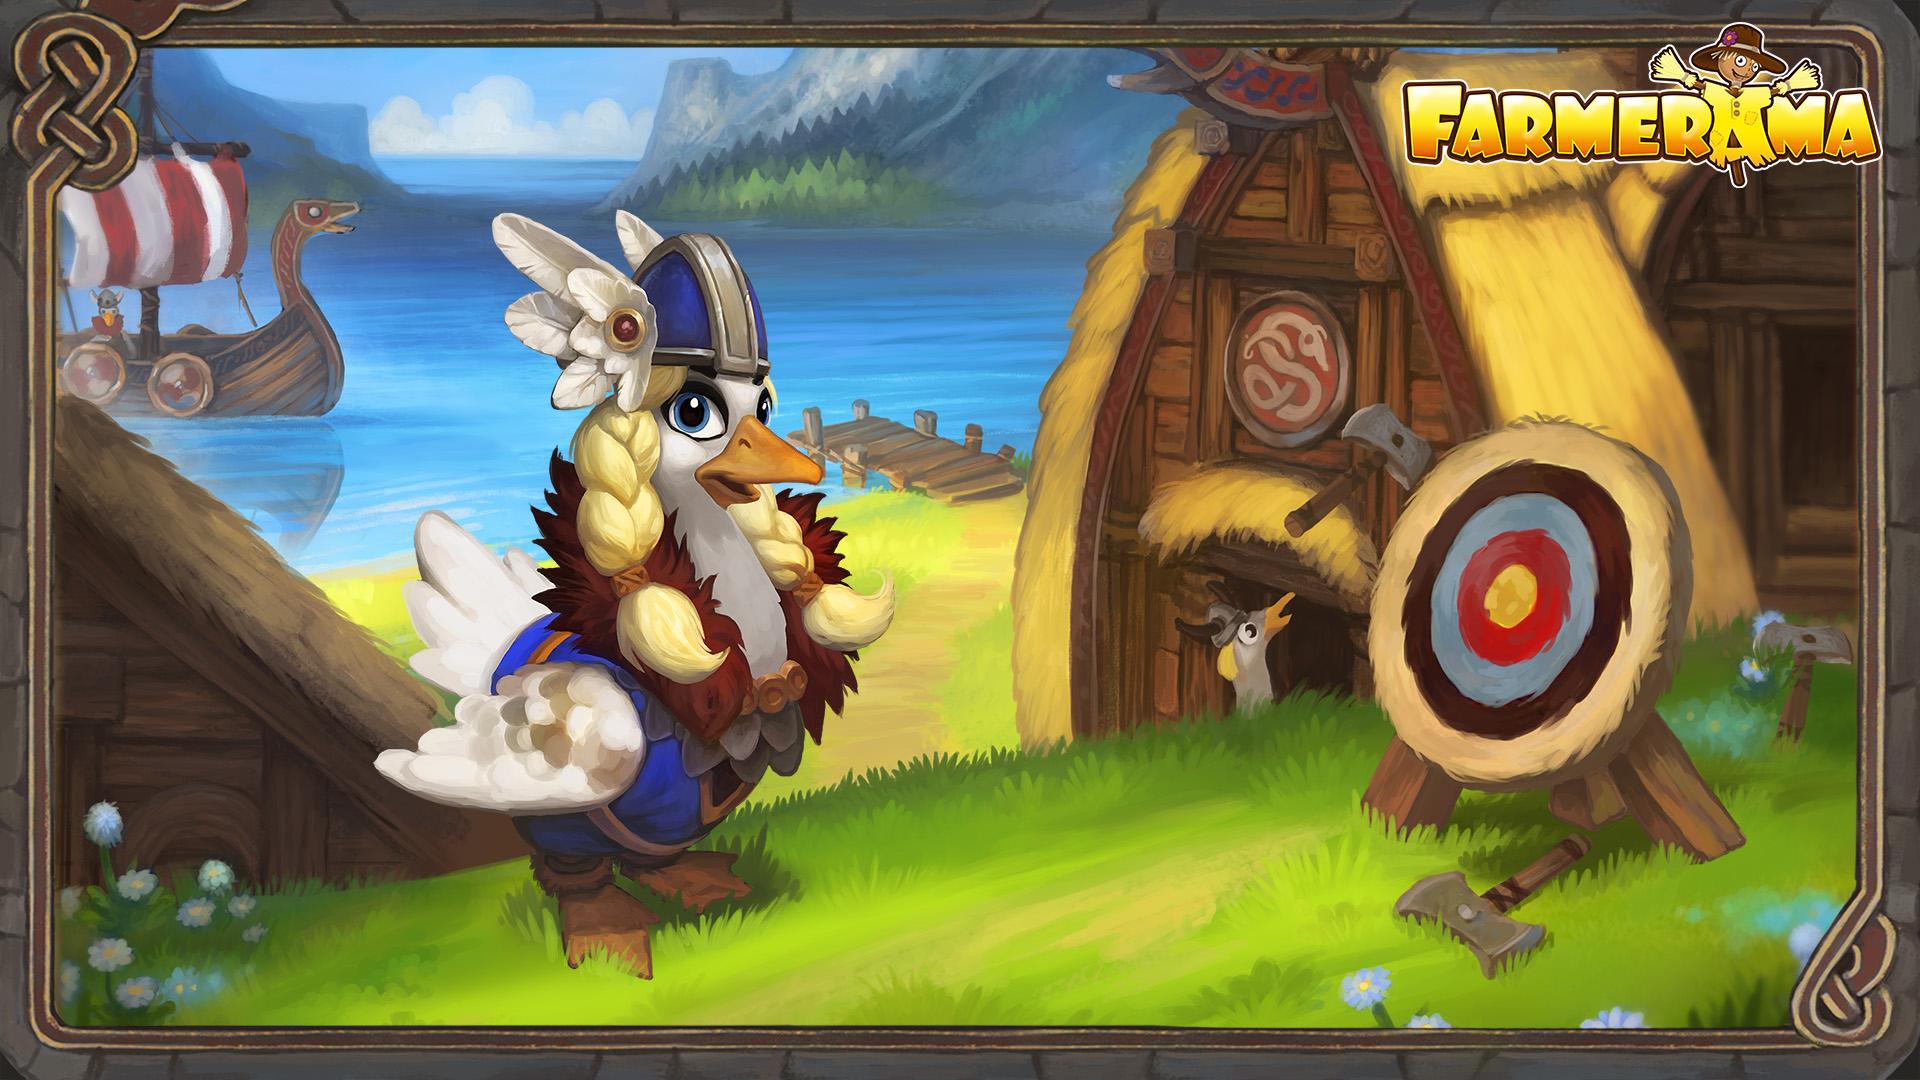 Farmerama_Viking_Wallpaper.jpg